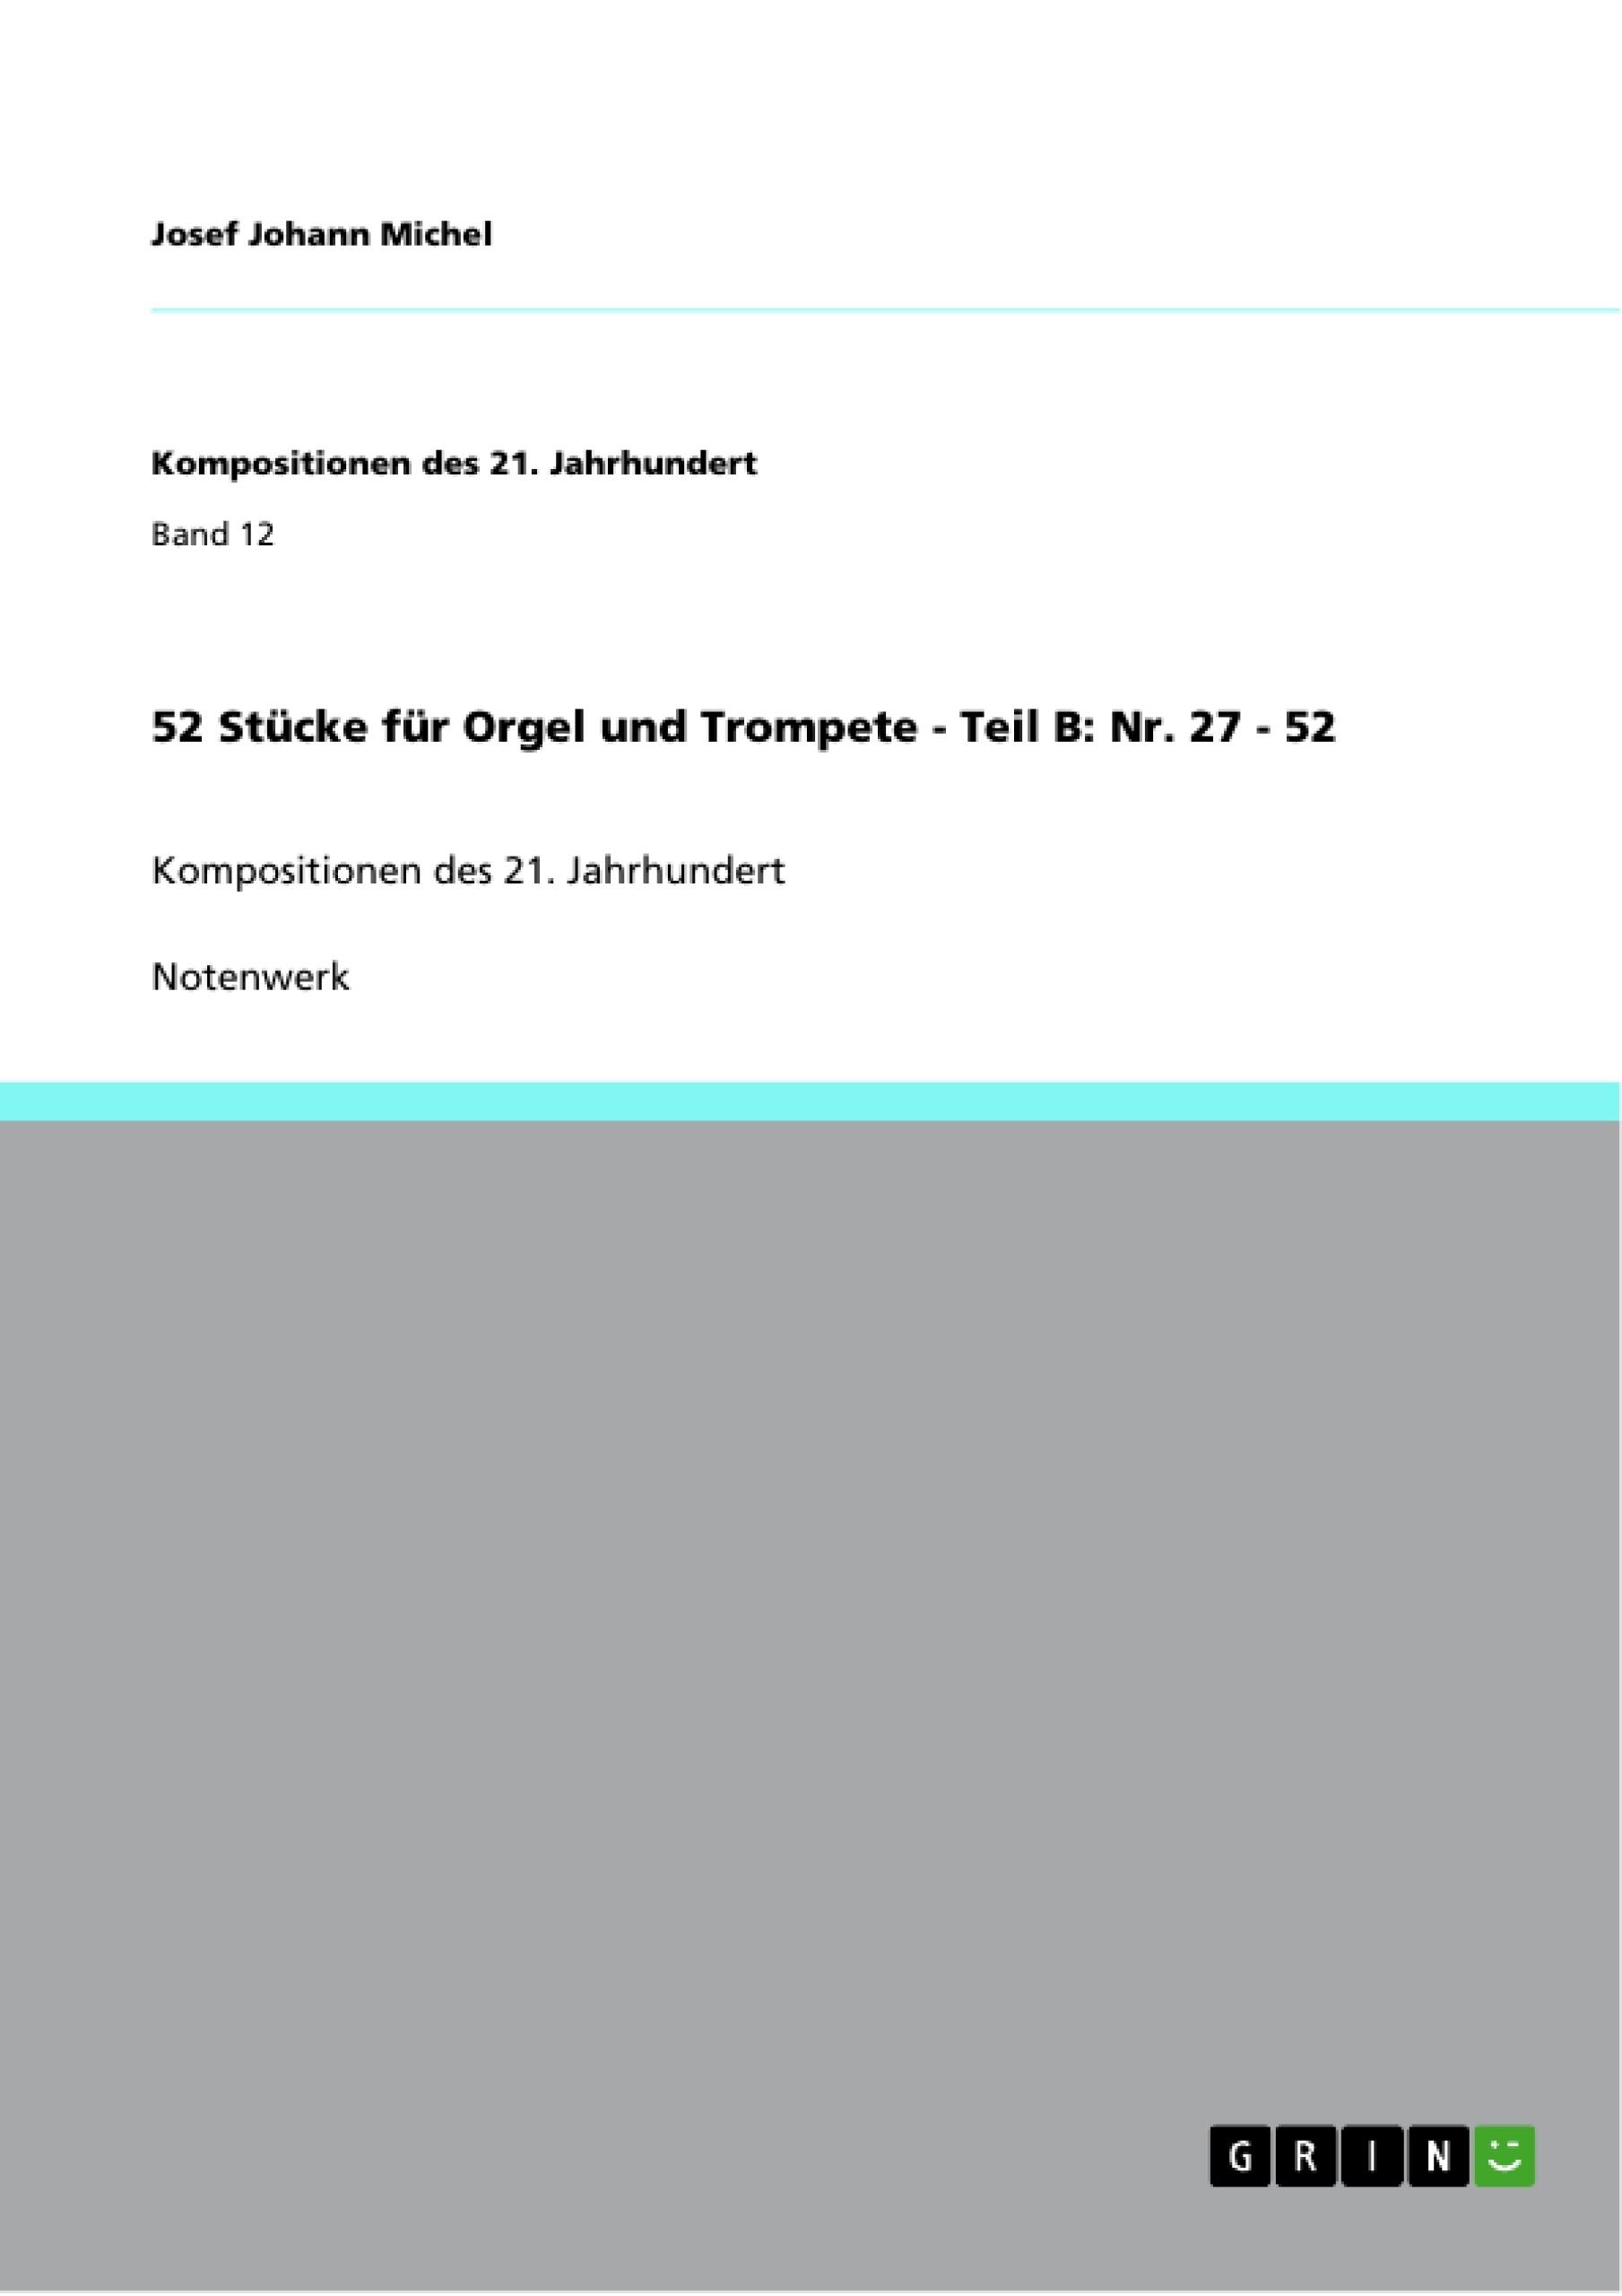 Titel: 52 Stücke für Orgel und Trompete - Teil B: Nr. 27 - 52